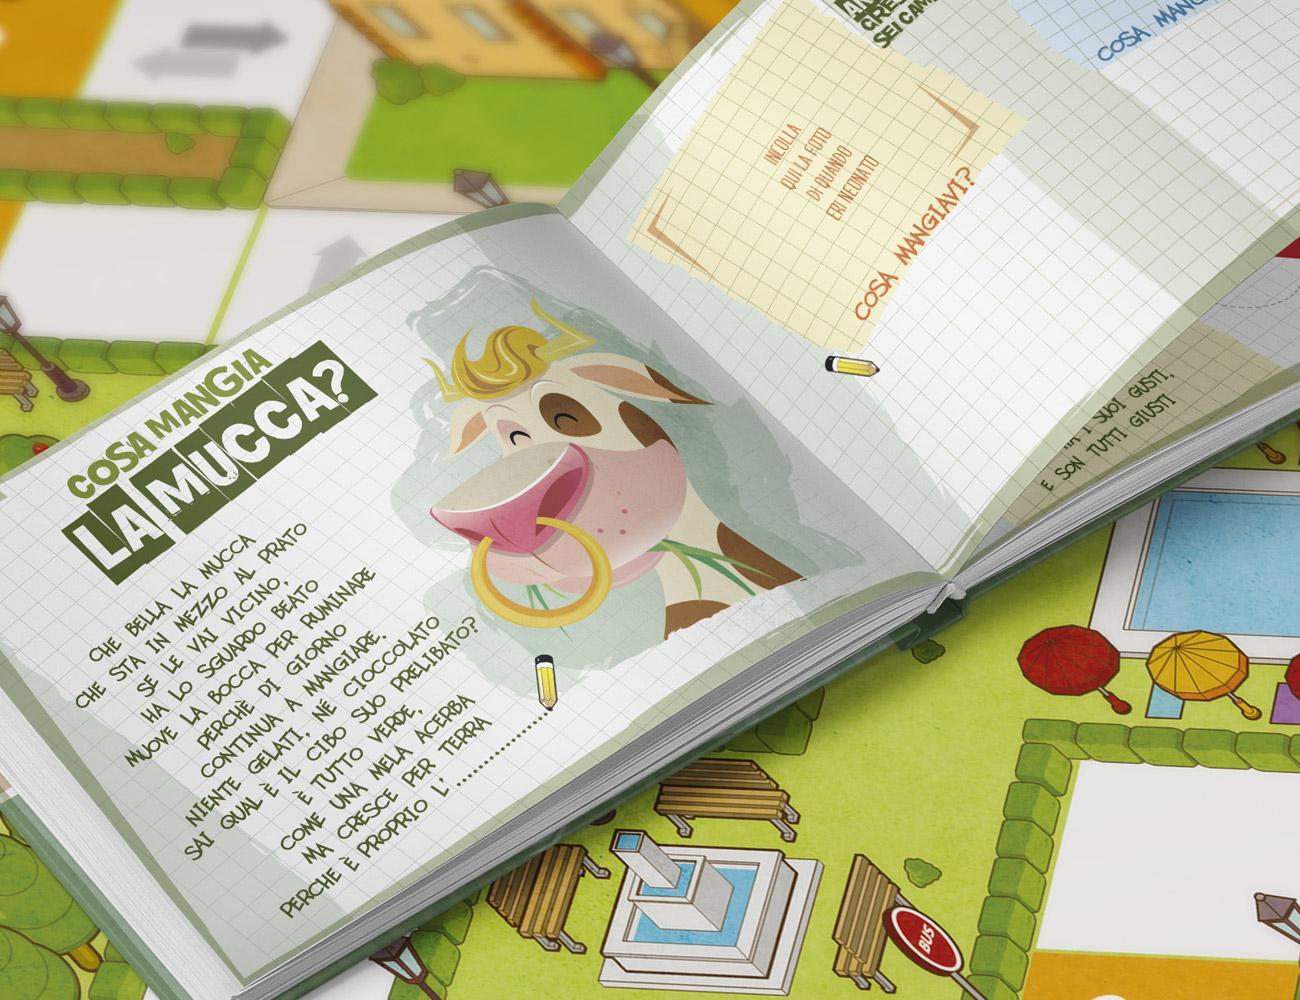 aic-celiachia-gioco-illustrazioni-simone-roveda-libri-bambini-intolleranze-alimentari-digit81-piacenza